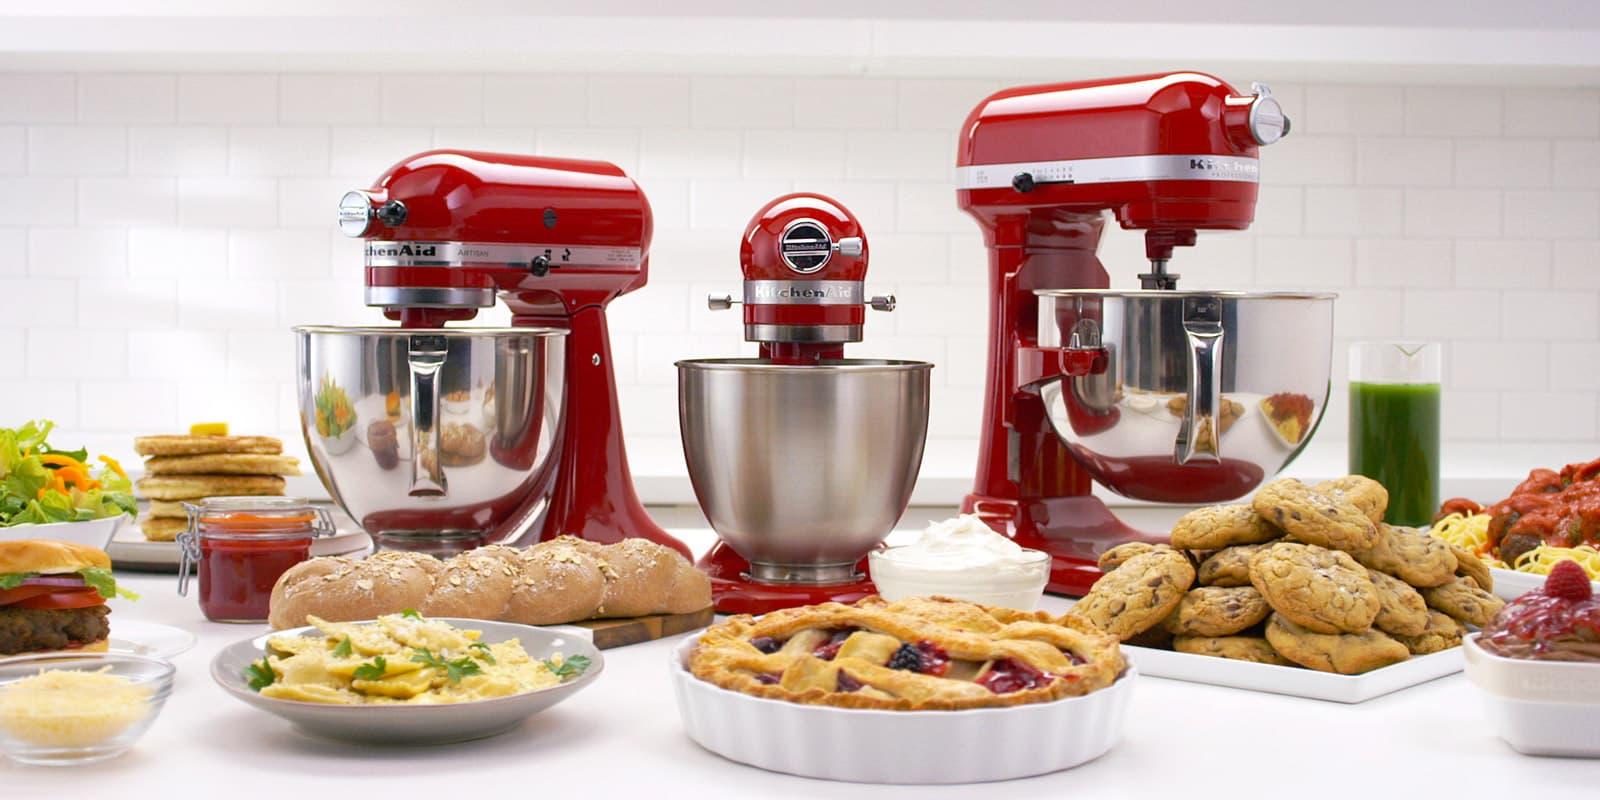 4,8 L ARTISAN Küchenmaschine 5KSM125 | Offizielle Website von KitchenAid